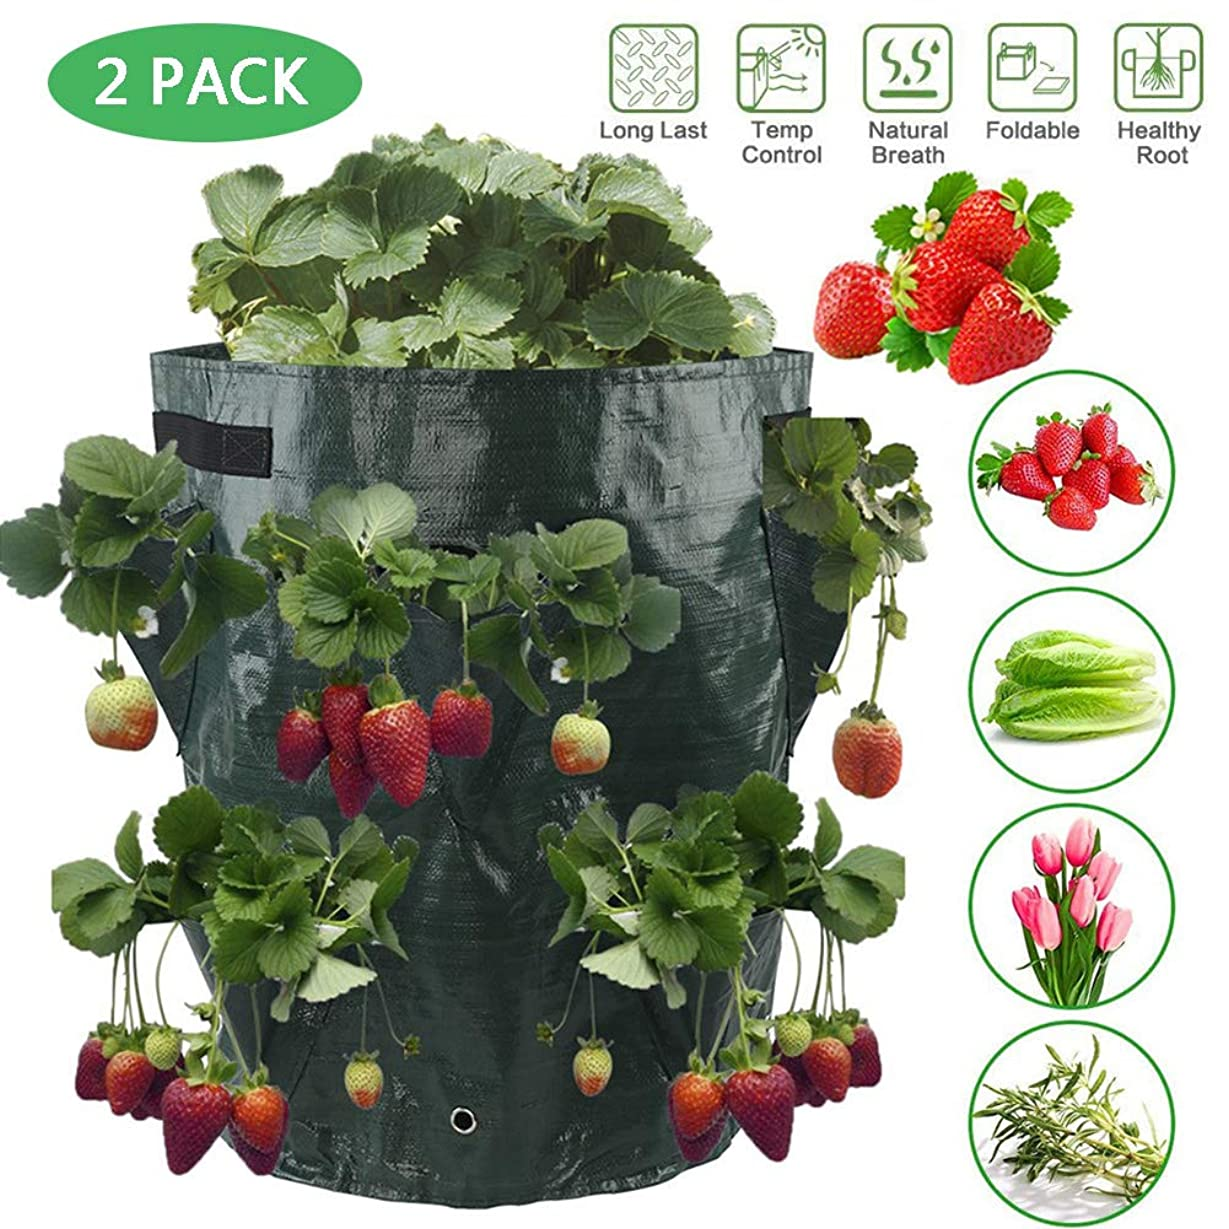 不足潜む湾庭のハーブ、花のためのトマト野菜ハンギングバッグを育てプランター成長いちごバッグ通気性,2 Pack